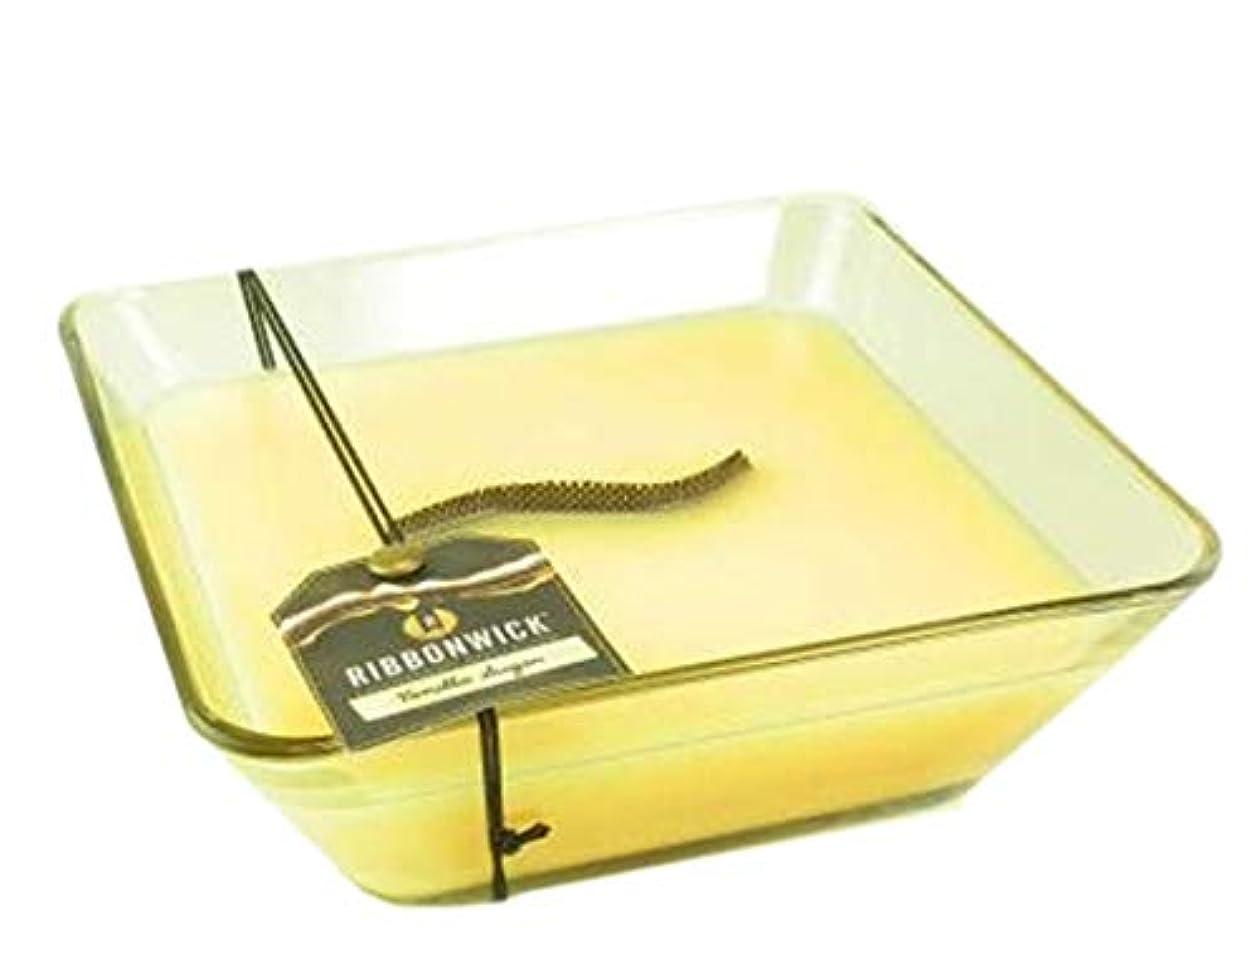 ノート哀れな1 xバニラ砂糖装飾ガラス – RibbonWick Scented Candle